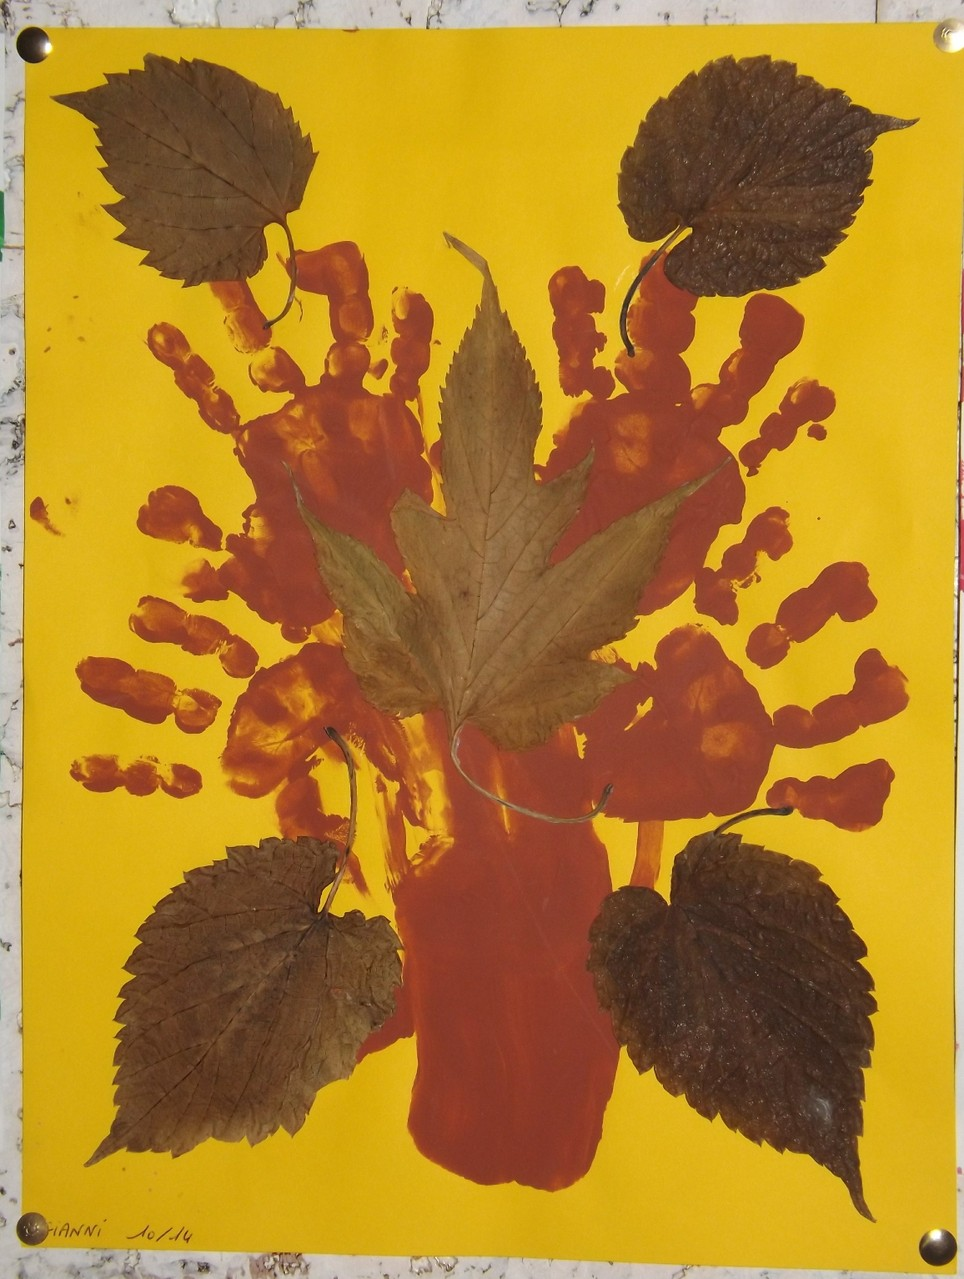 Mains-Feuilles d'automne